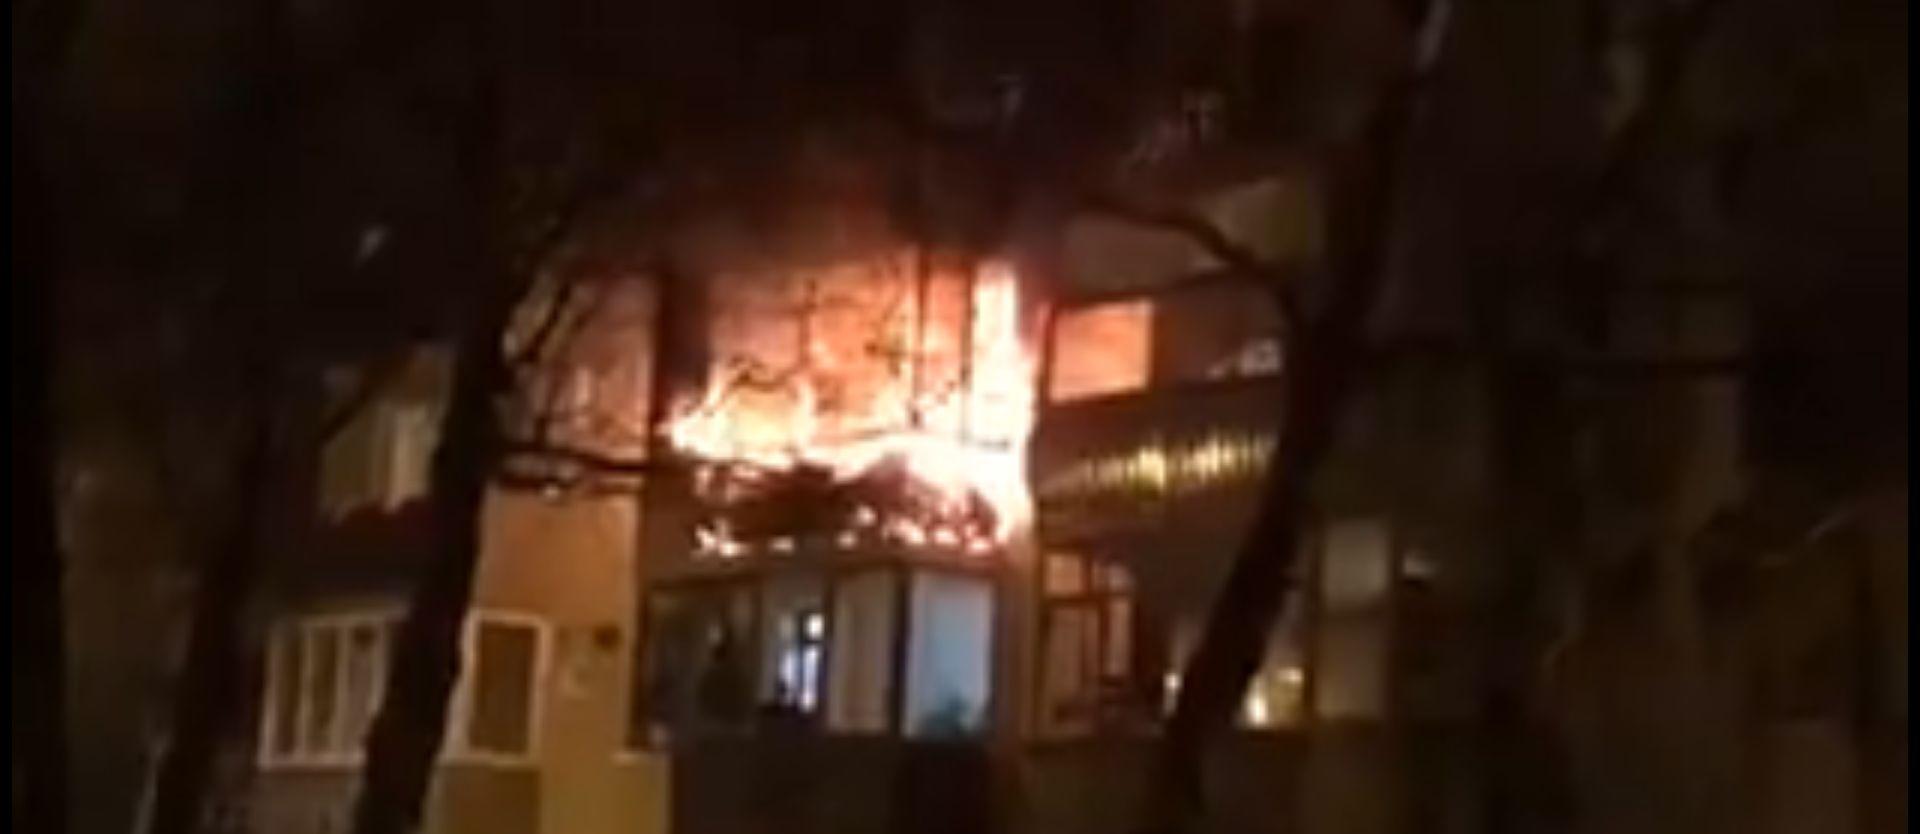 Izbio požar u Prečkom, vatra zahvatila više stanova